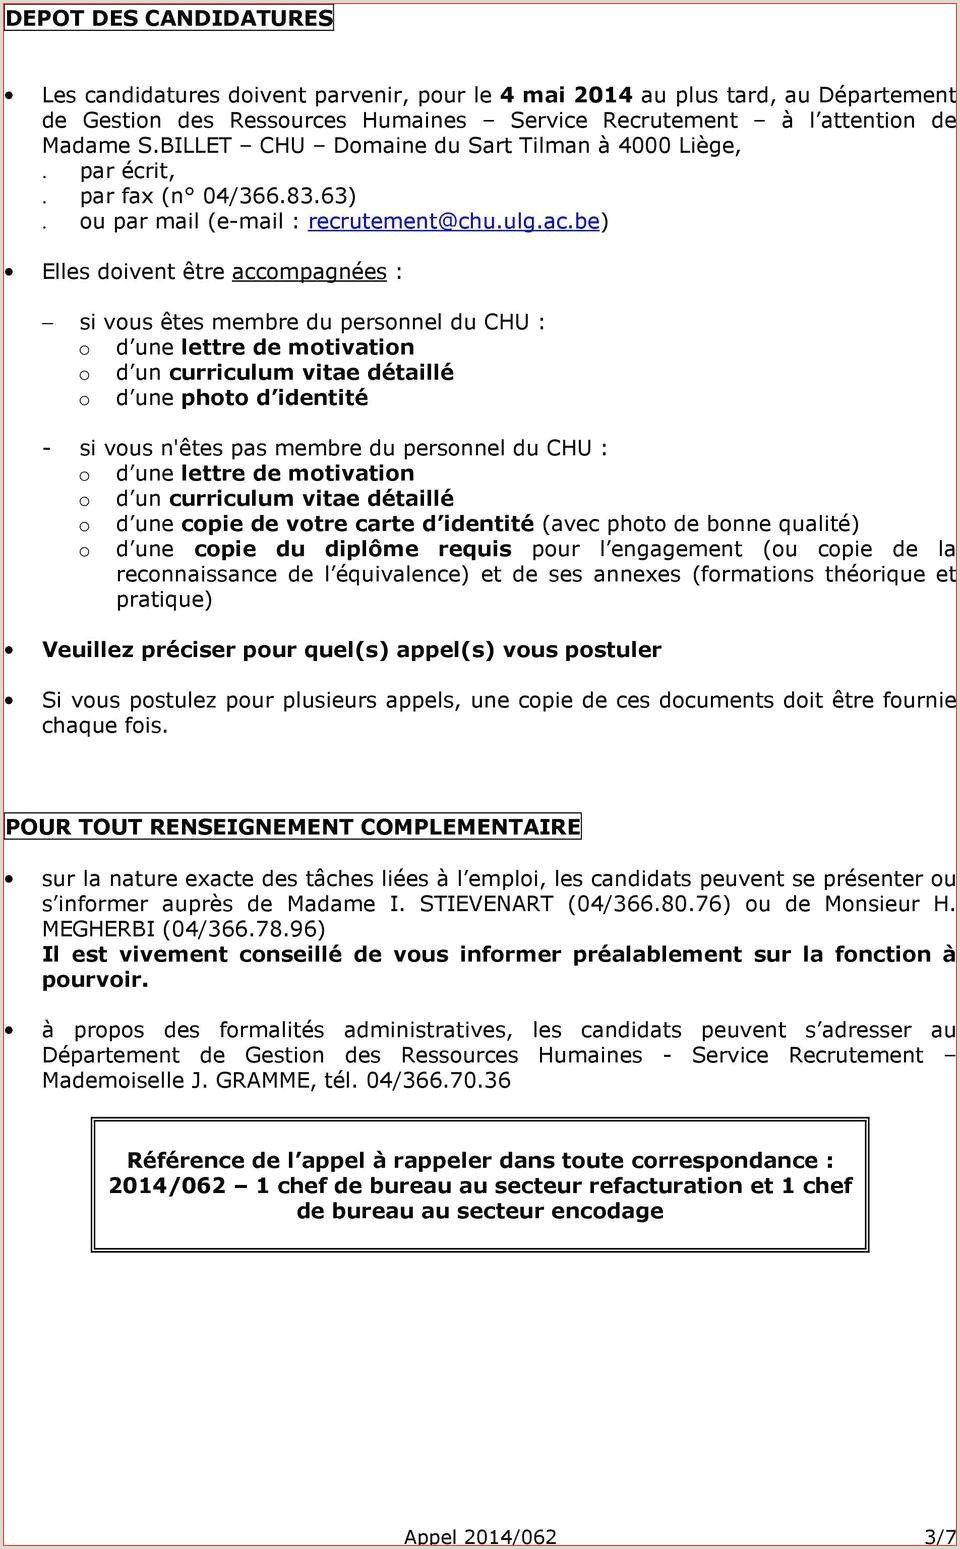 Exemple De Cv Ressources Humaines Et Communication Exemple De Cv Sans Diplome Impressionnant Lettre De